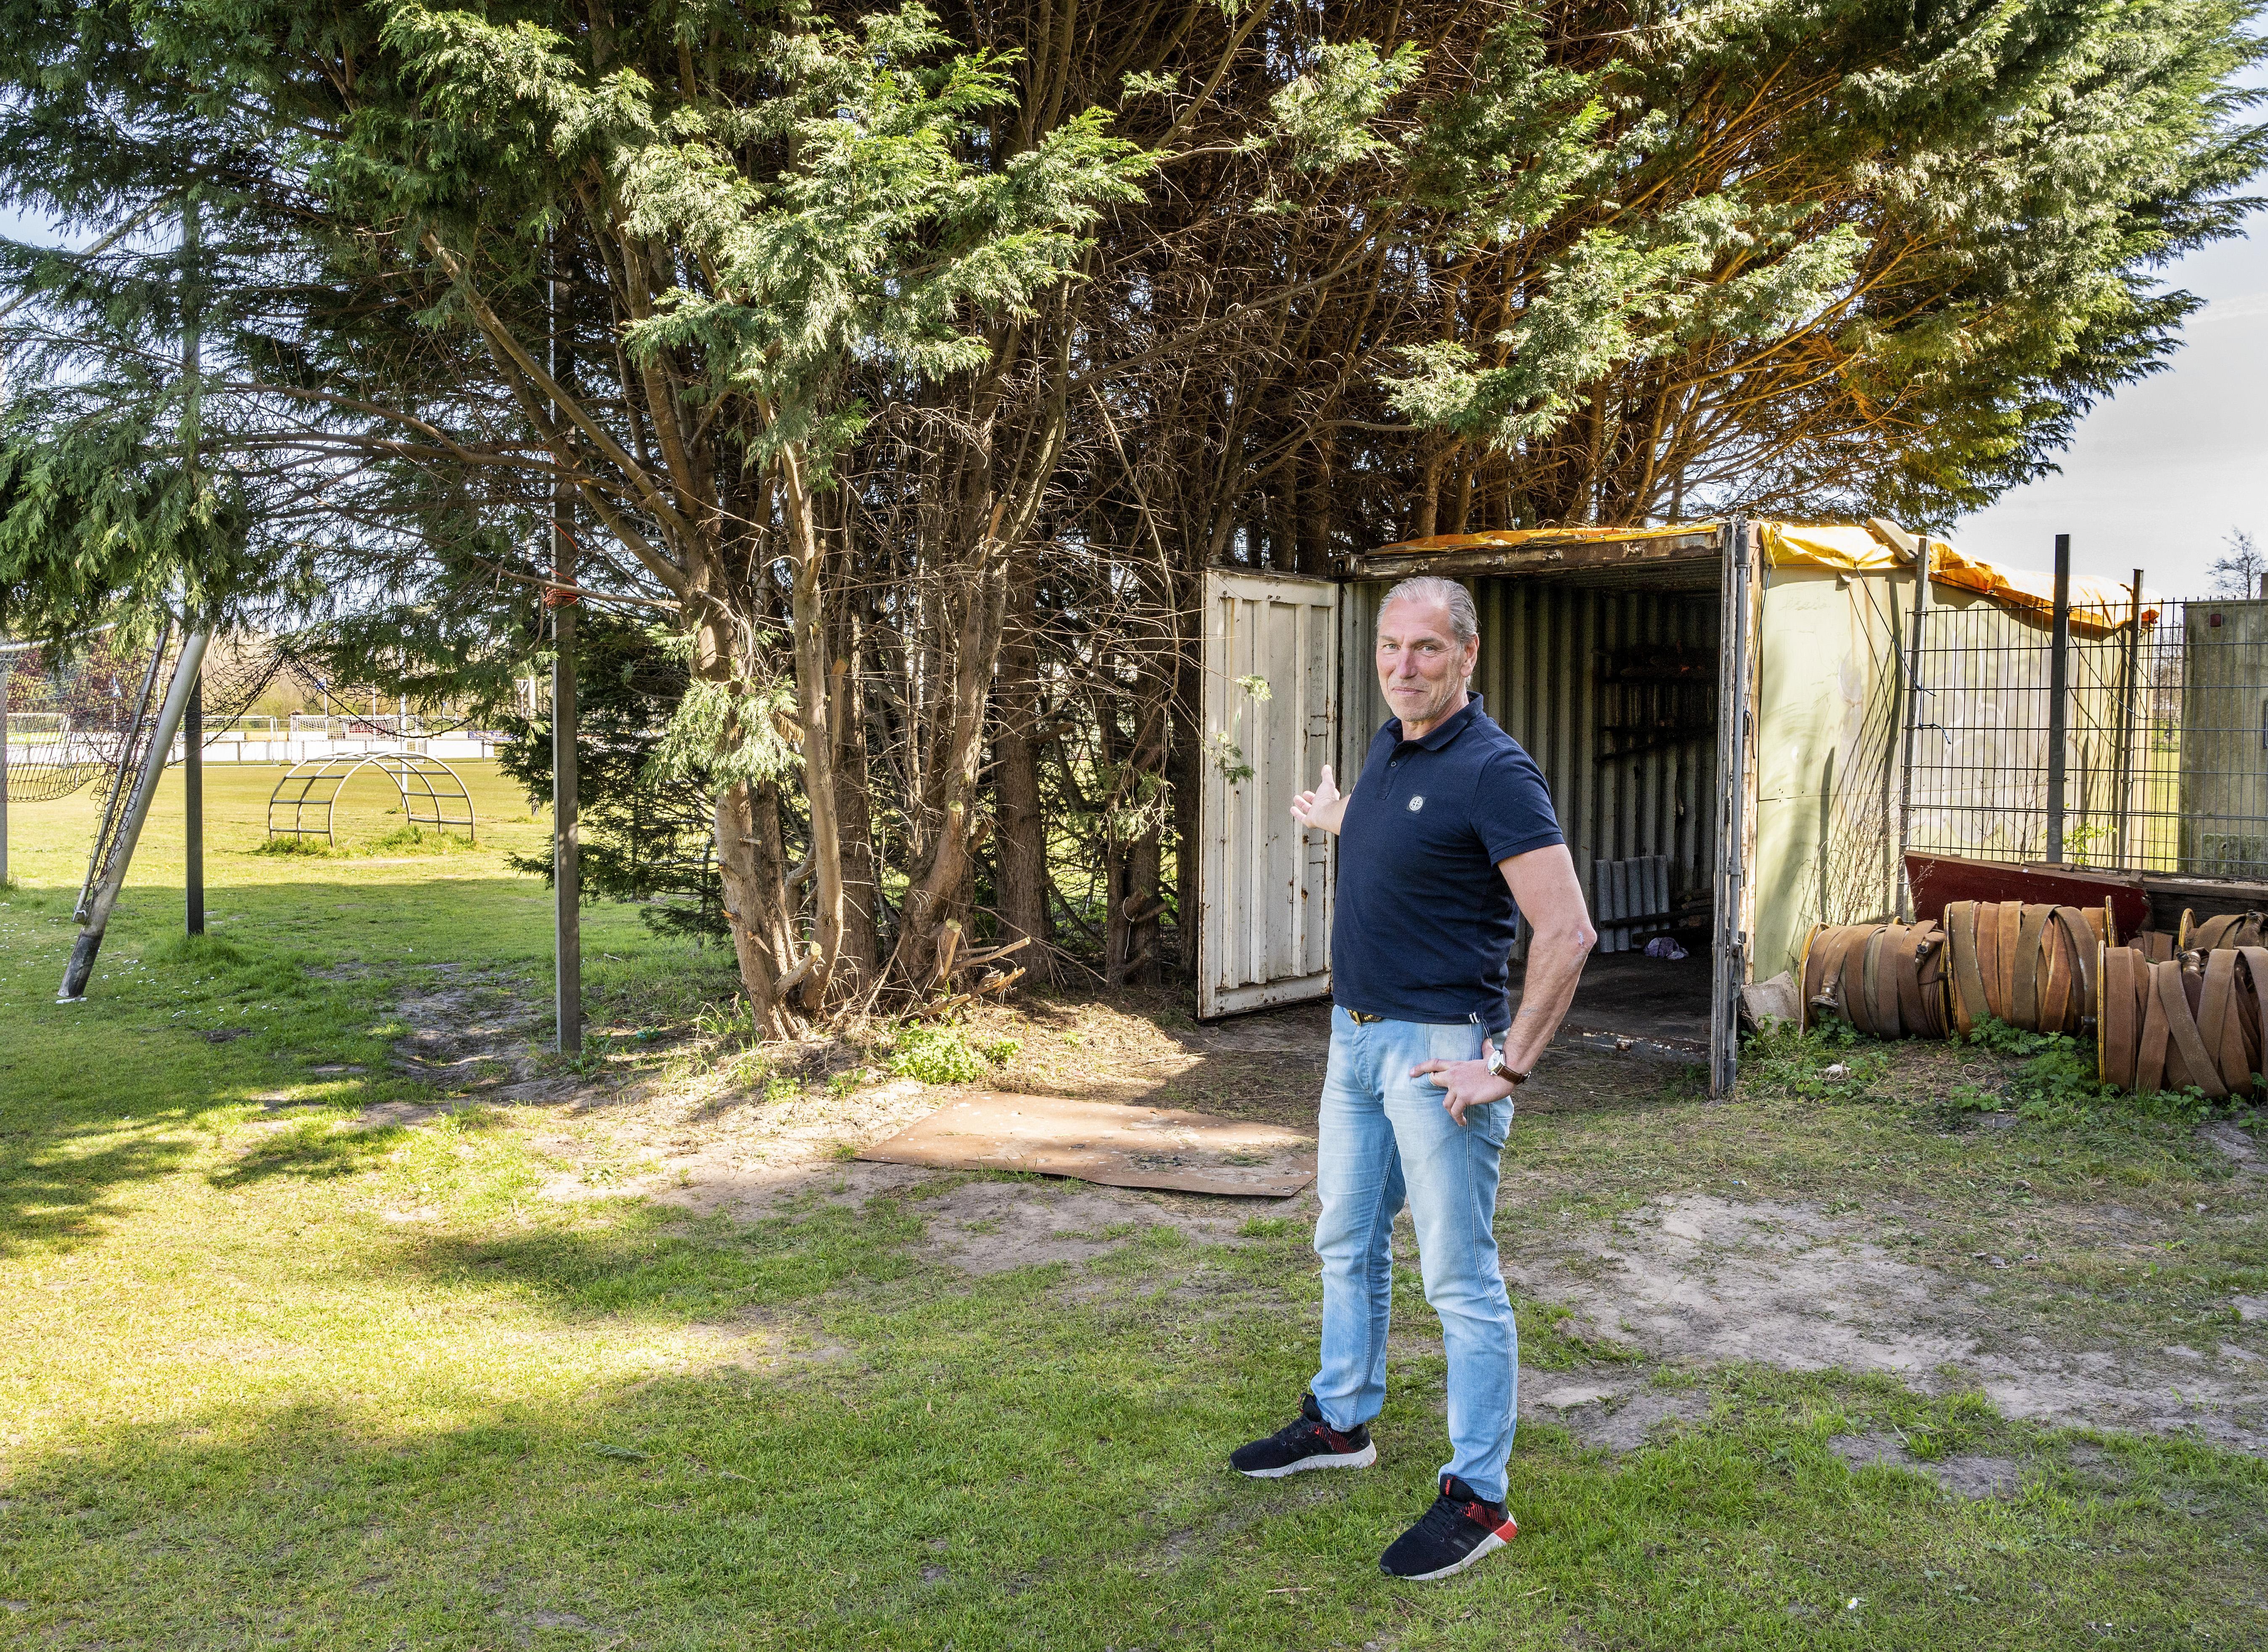 Dieven azen in Velsen op kostbaar tuingereedschap van voetbalvereniging en boomtechnicus